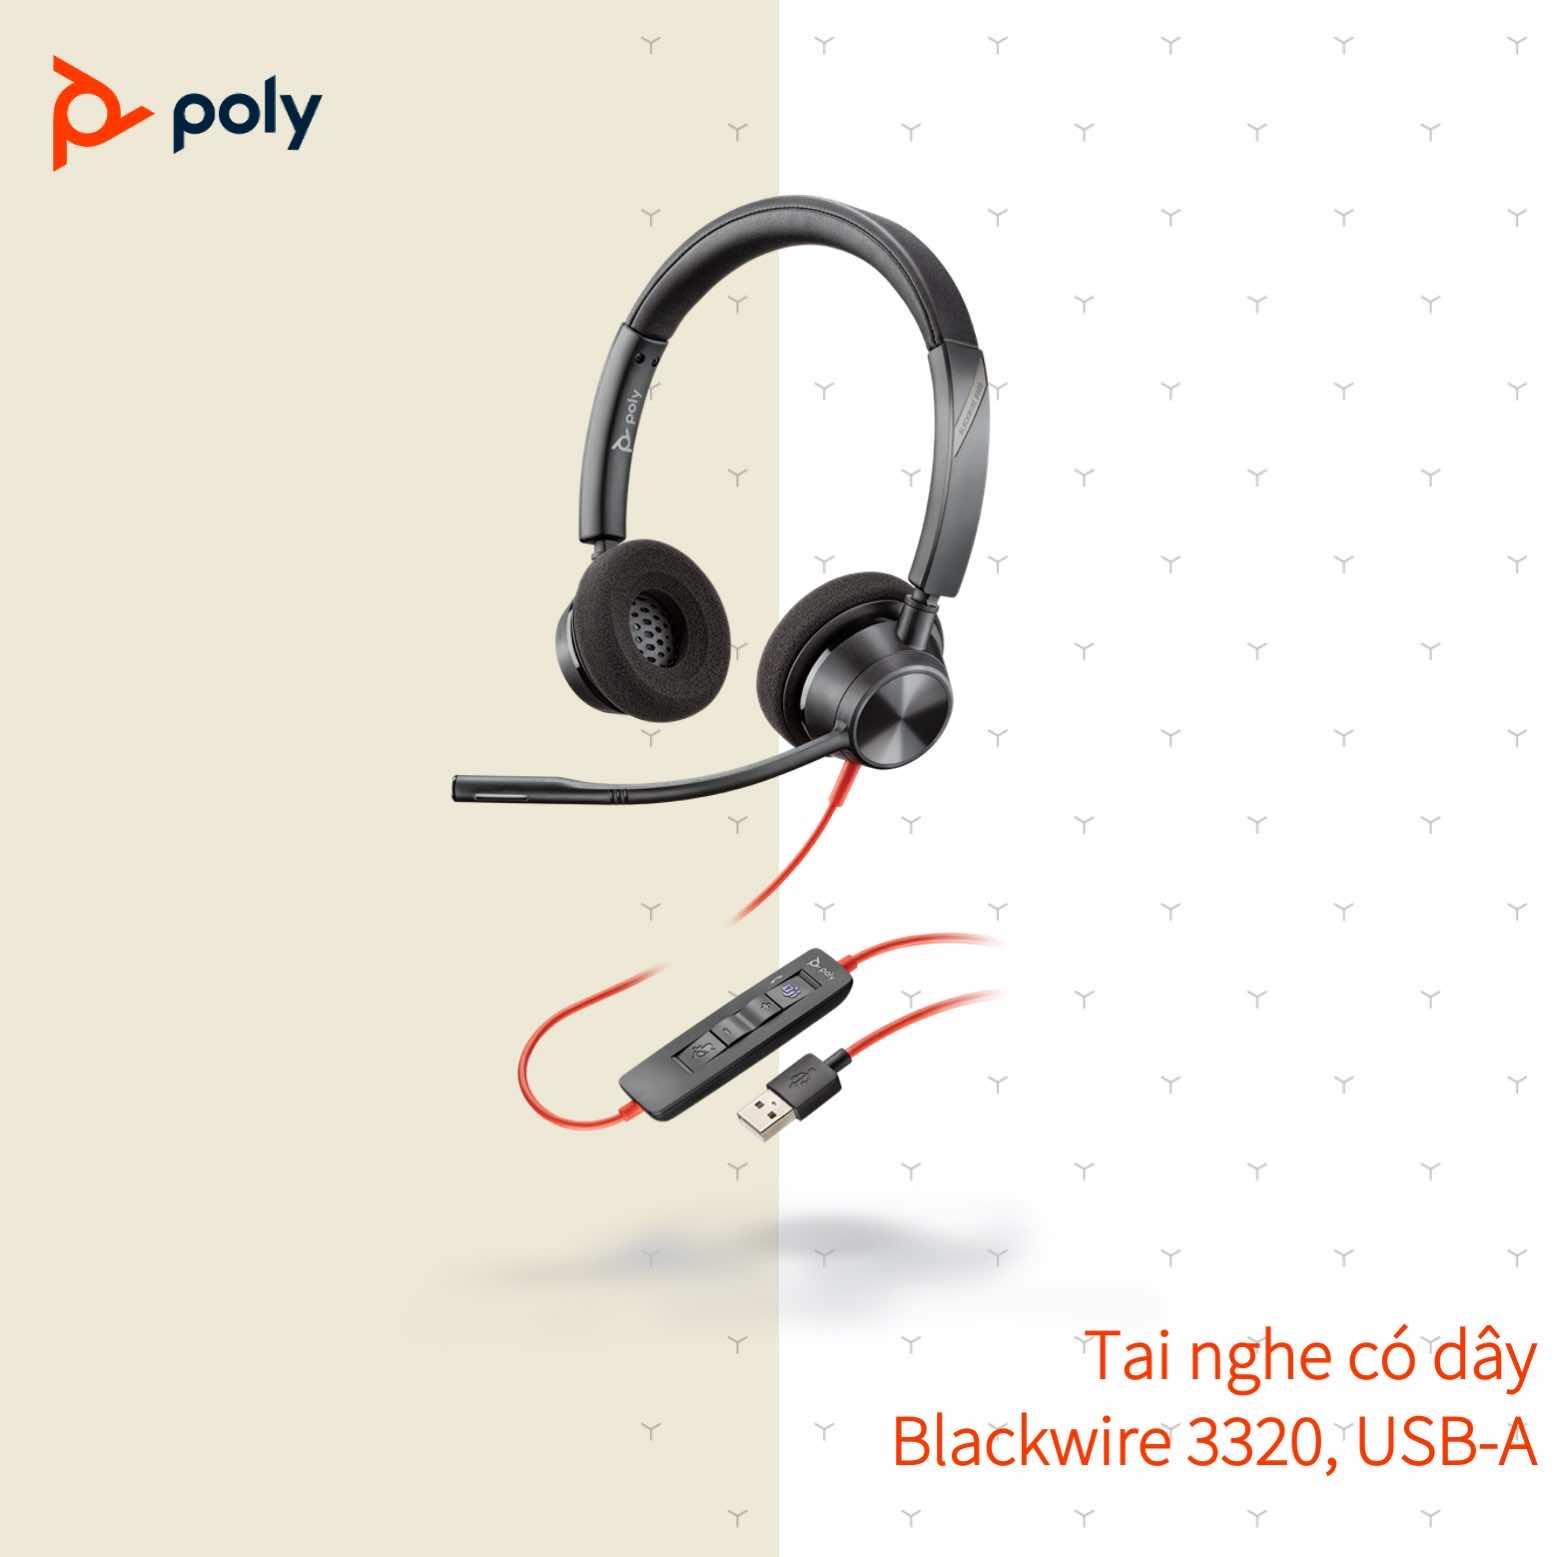 Tai nghe có dây Poly Plantronics Blackwire 3320 USB Type A/C